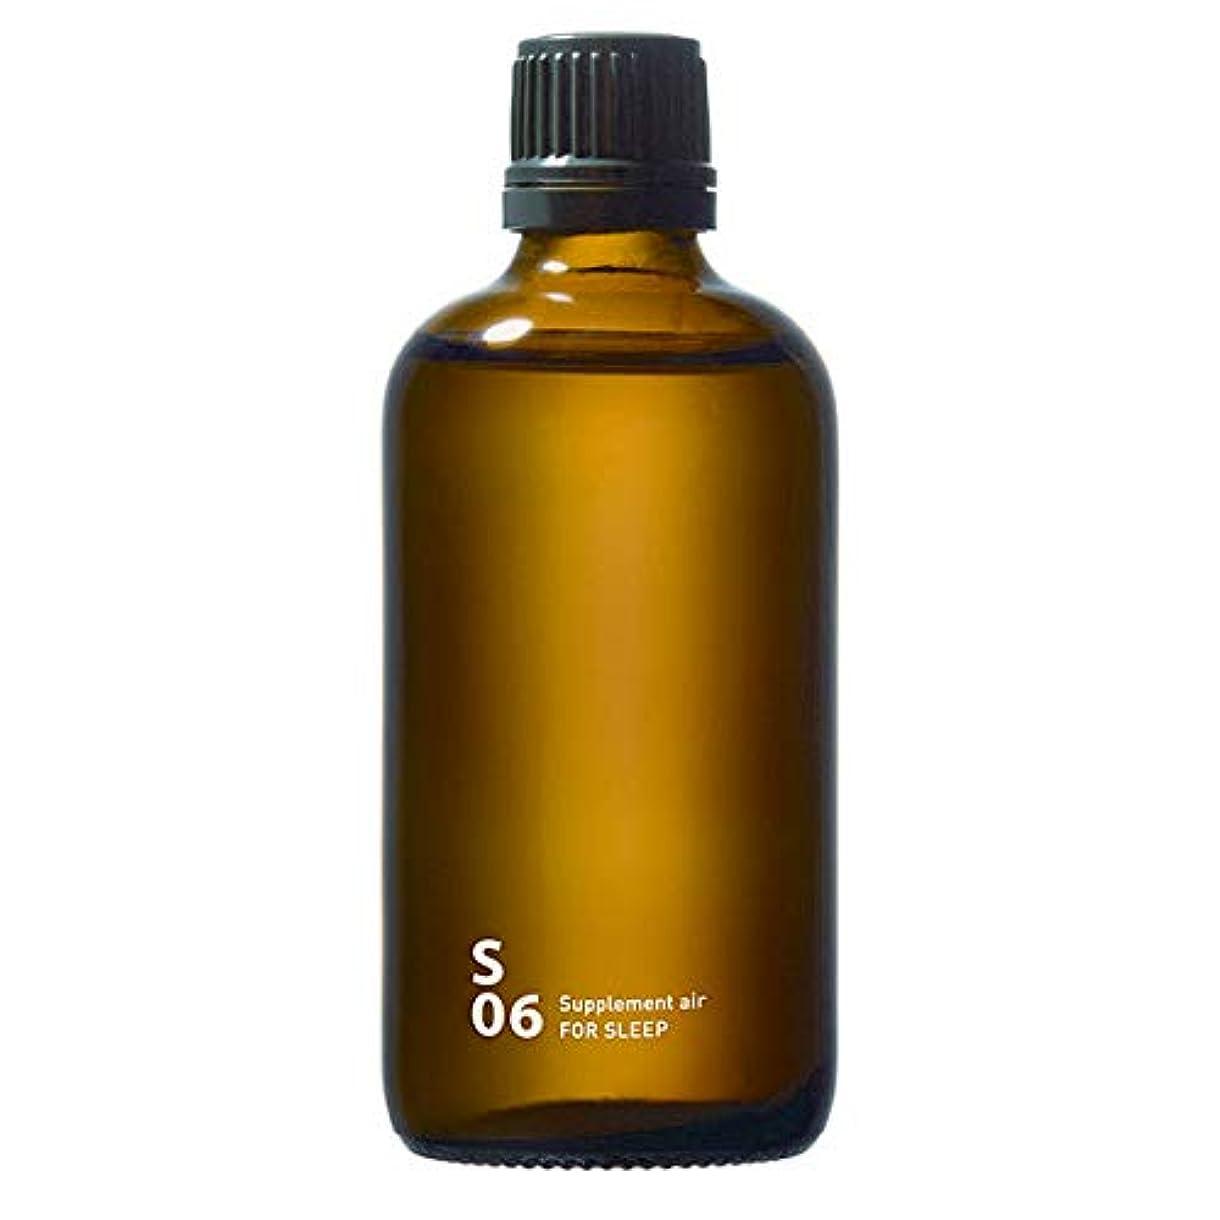 ファンドおもてなし防衛S06 FOR SLEEP piezo aroma oil 100ml